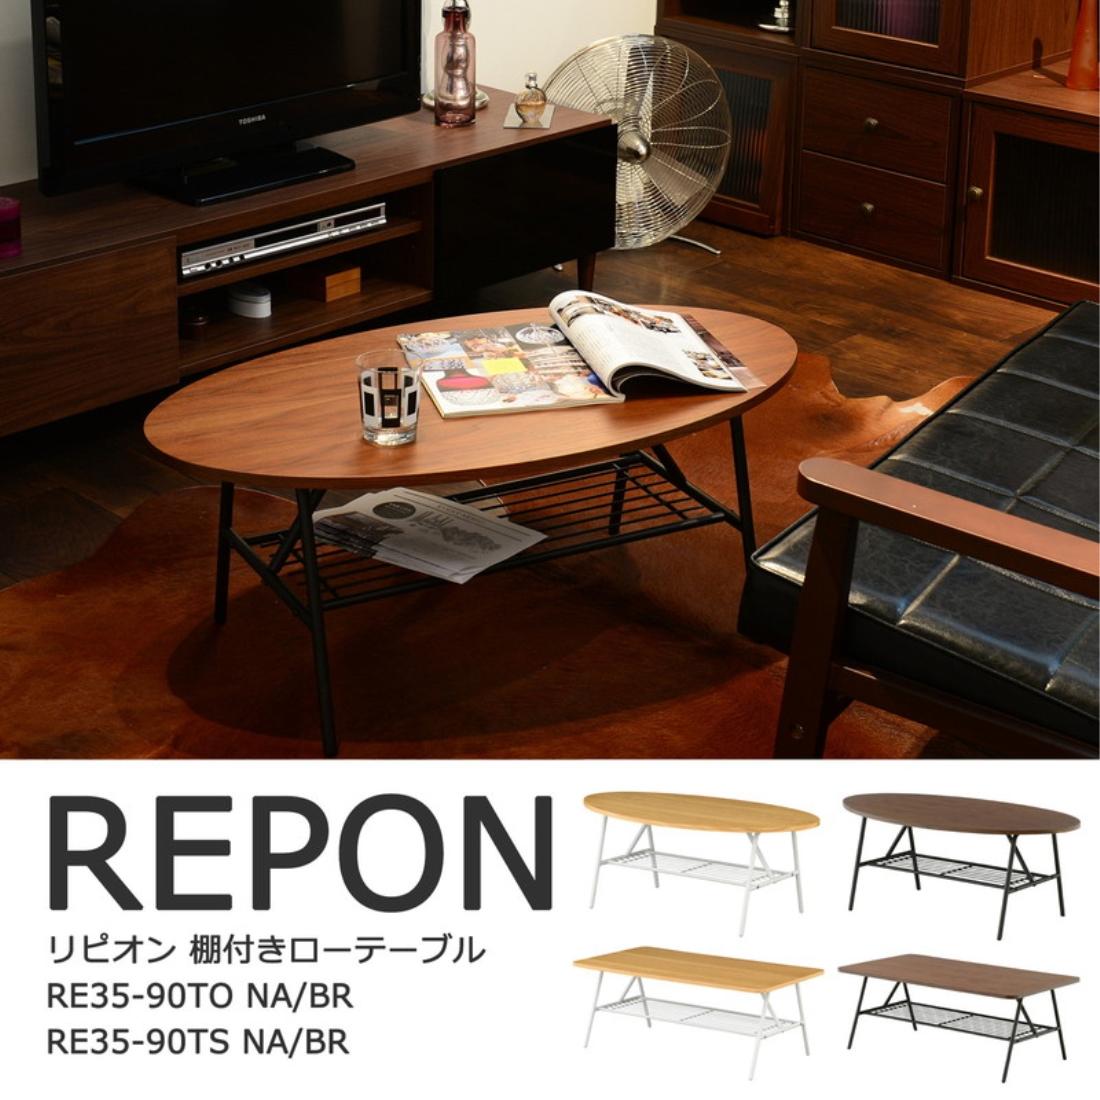 【送料無料】家具 テーブル 机 REPON(リピオン)ローテーブル 棚付テーブル(90cm幅) オシャレ